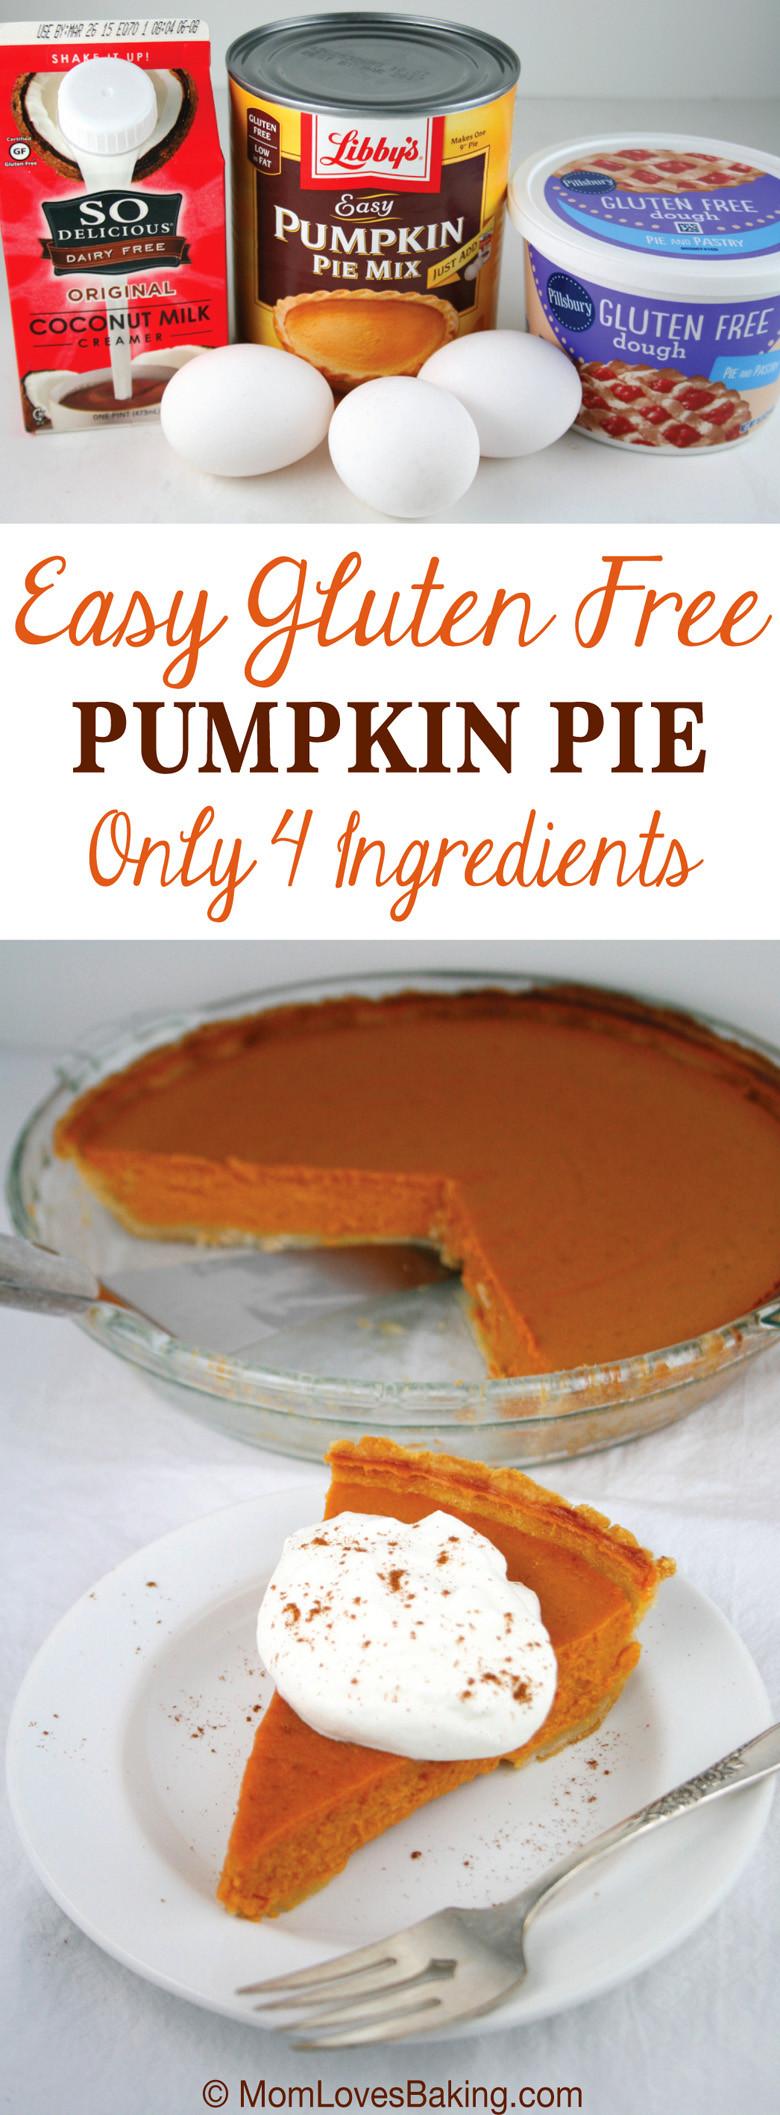 Gluten And Dairy Free Pumpkin Pie  Easy Gluten Free Pumpkin Pie Mom Loves Baking